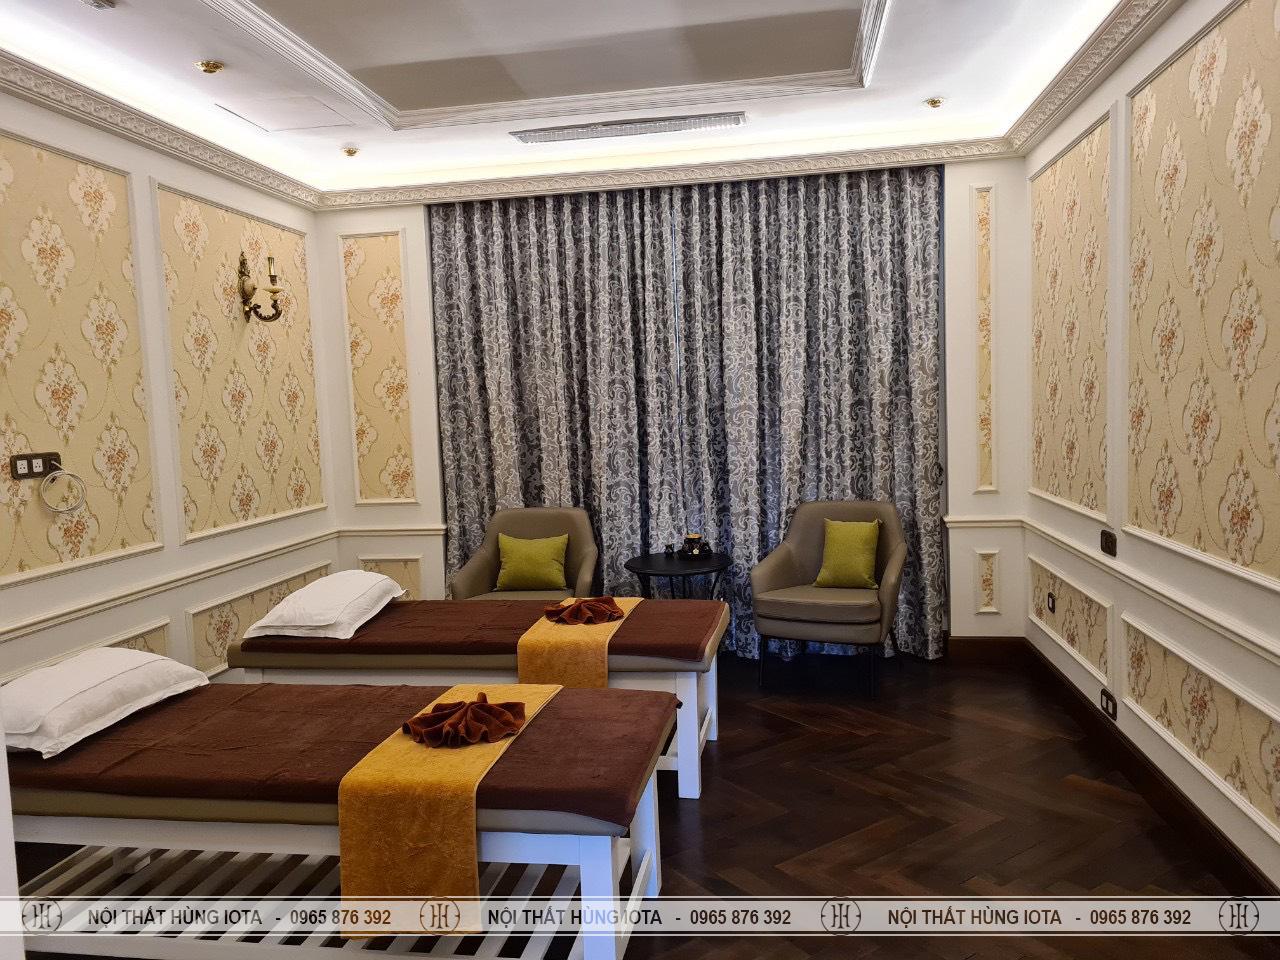 Lắp đặt giường spa tại Mỹ Đình đẹp giá rẻ